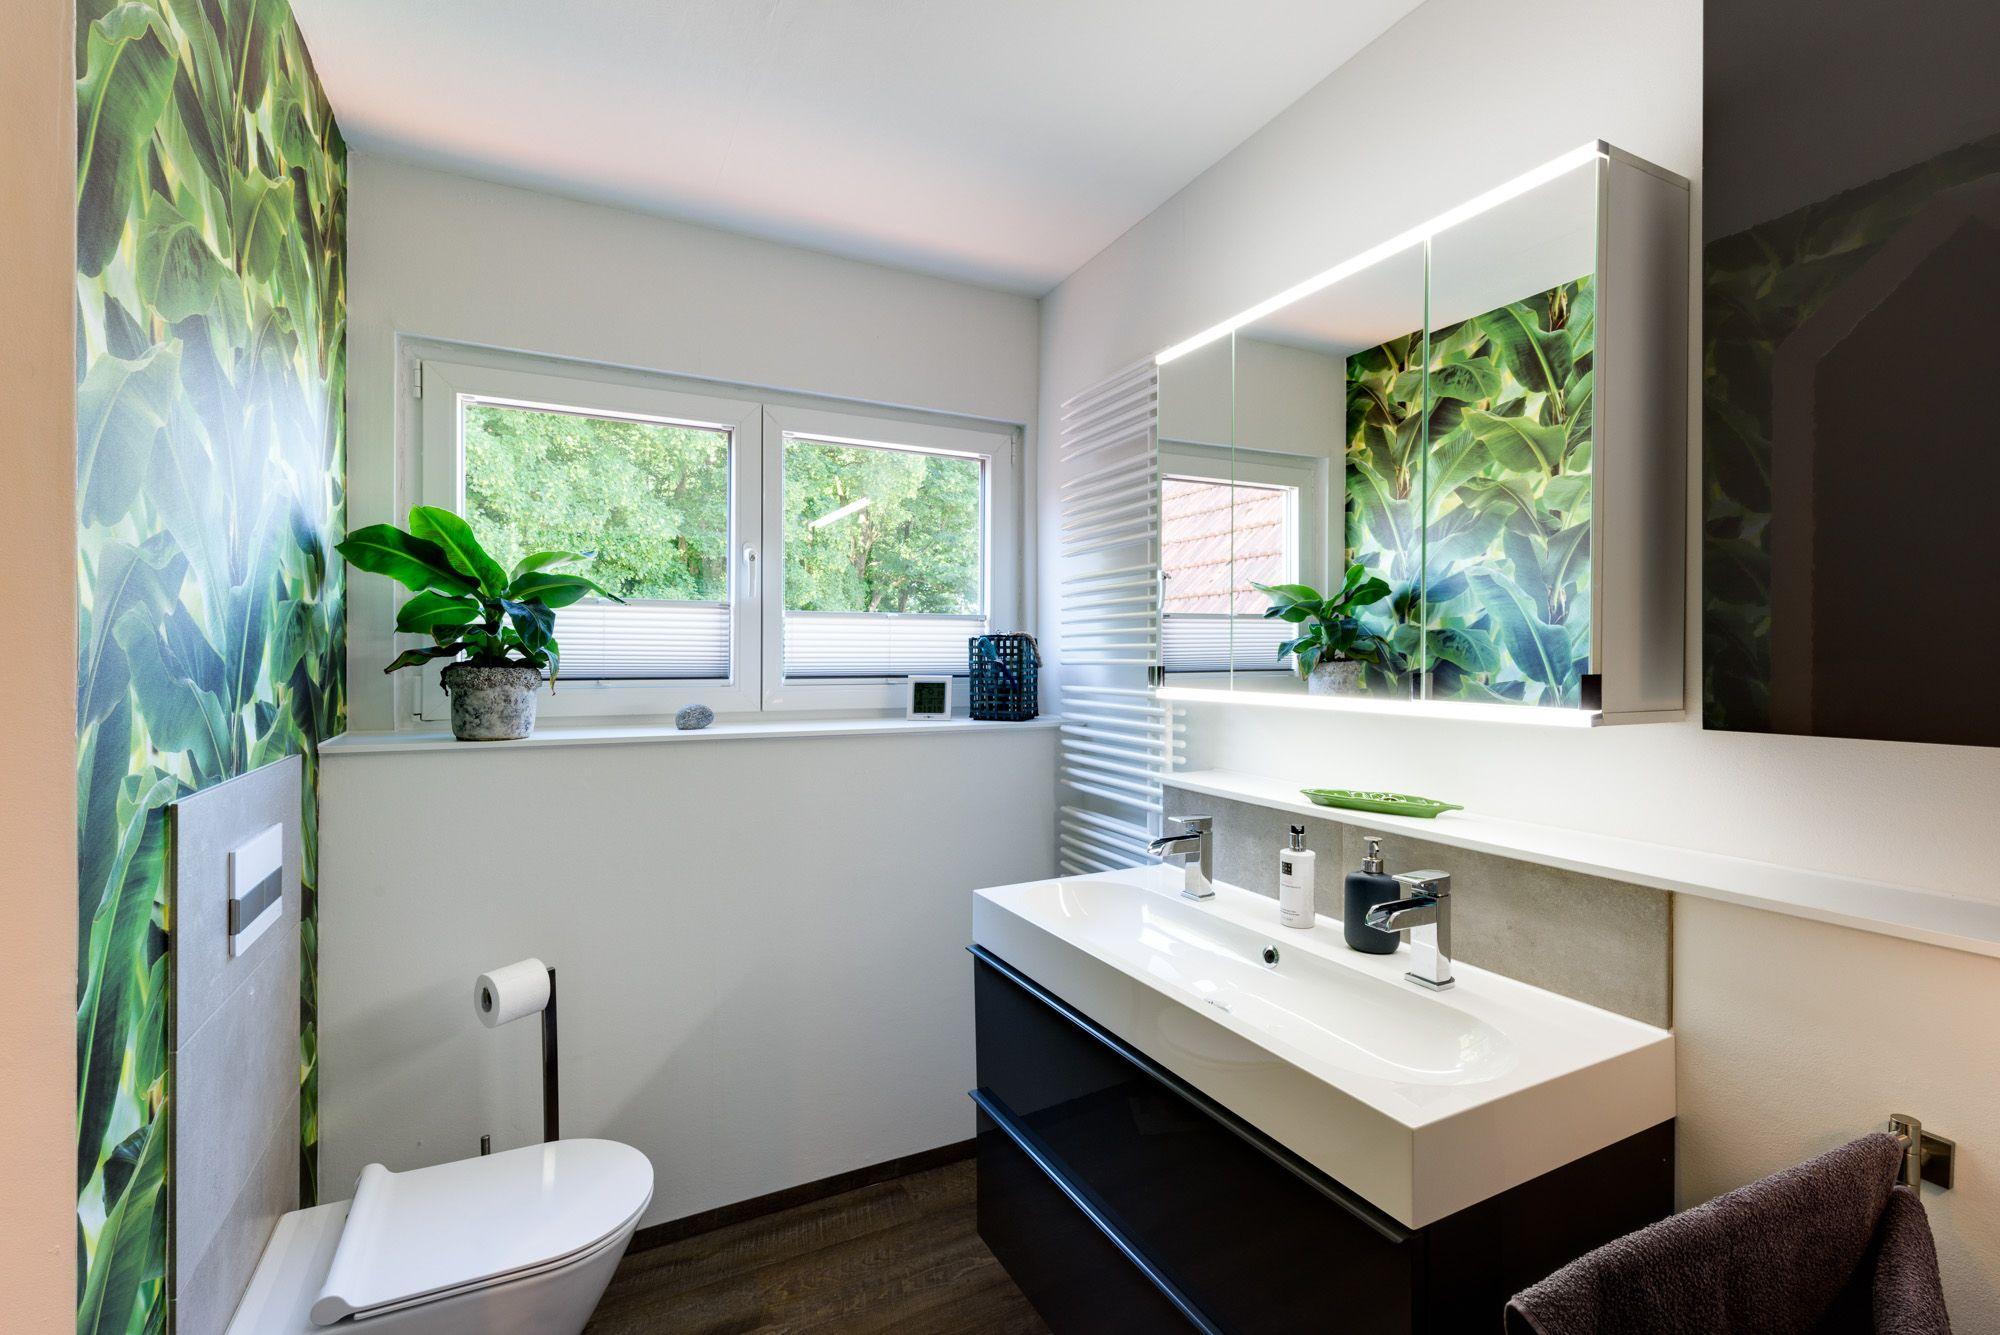 Elegantes badezimmerdesign moderne kontraste und elegante formgebung die moderne und